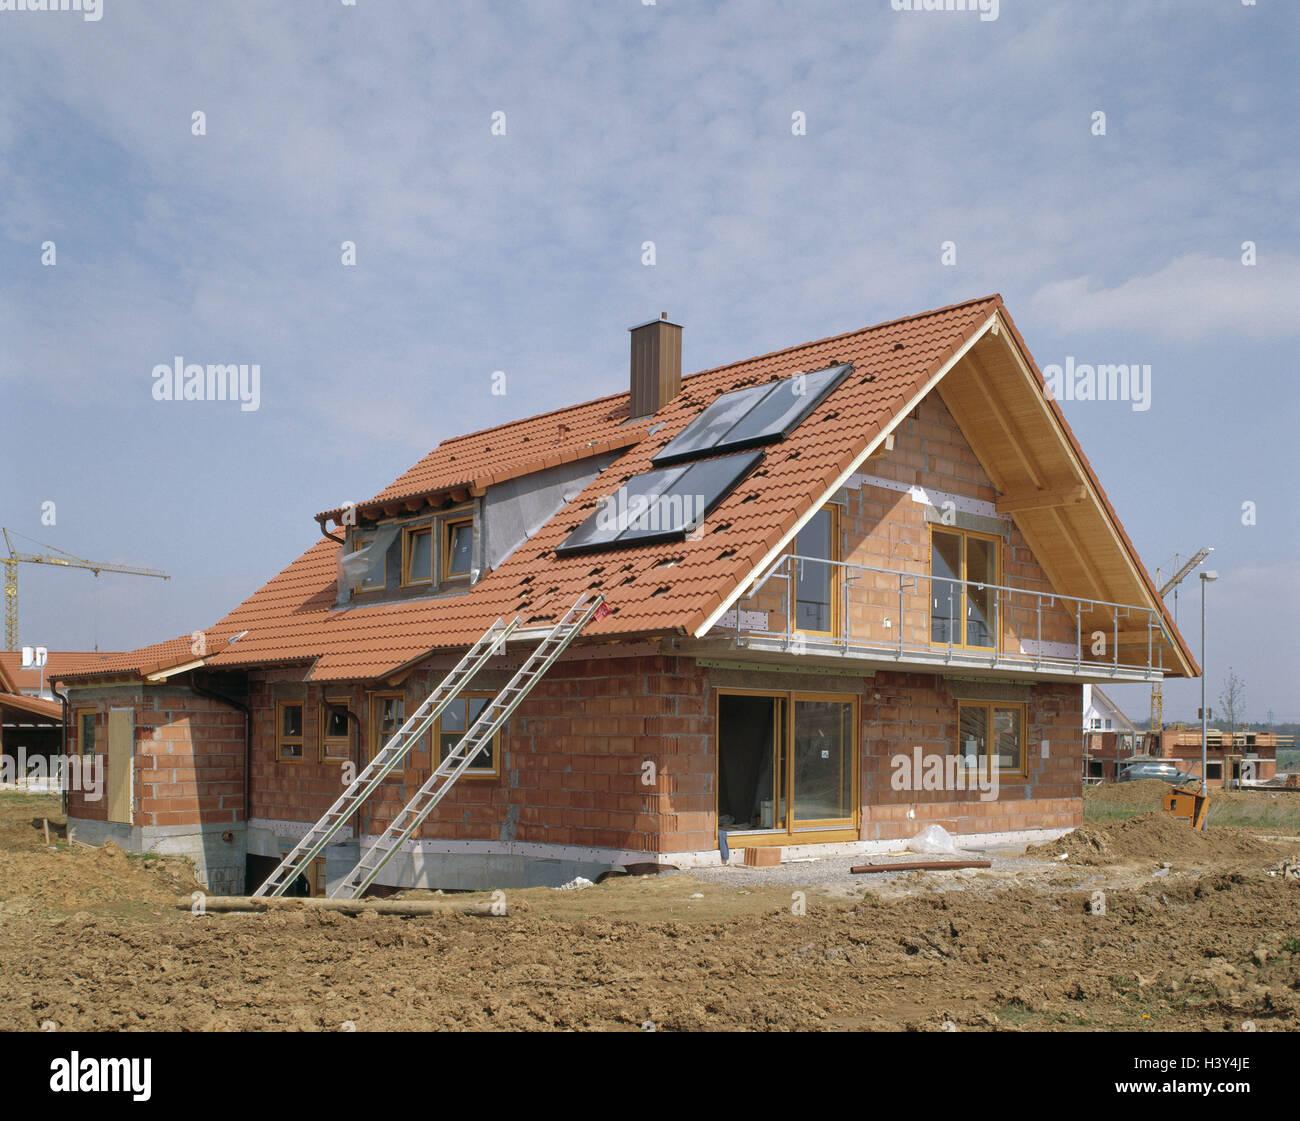 Wohnhaus Bauen einfamilienhaus shell hausdach solaranlage haus häuser bau ein